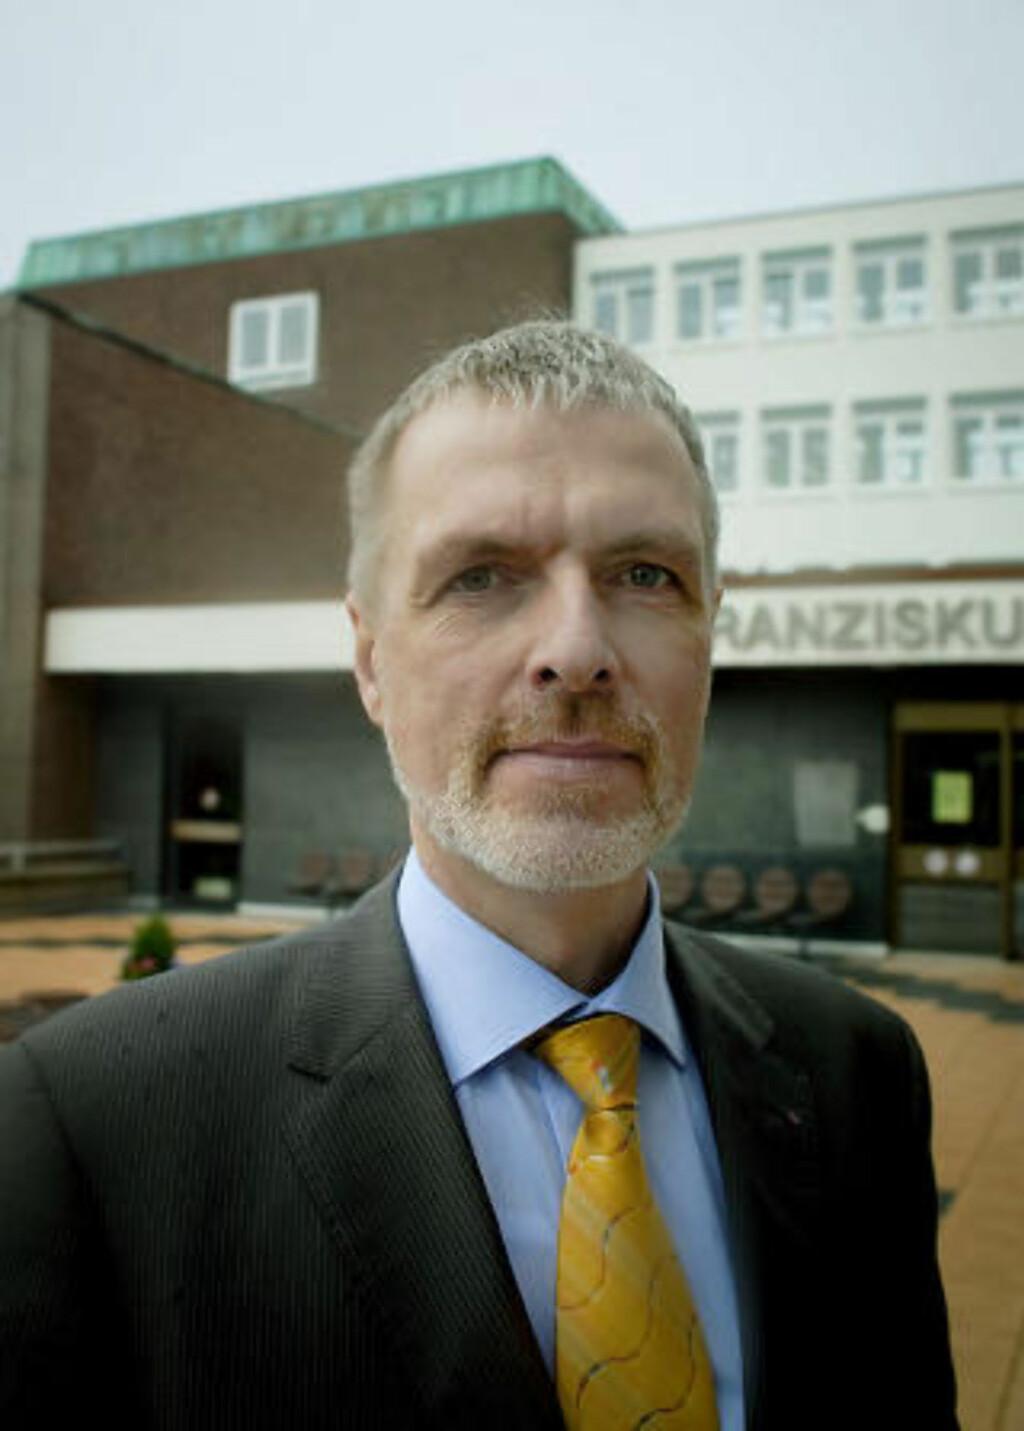 OVERRASKET: Pressetalsmann ved sykehuset, Roland Knillmann, møtte Dagbladet. Foto: Bjørn Langsem